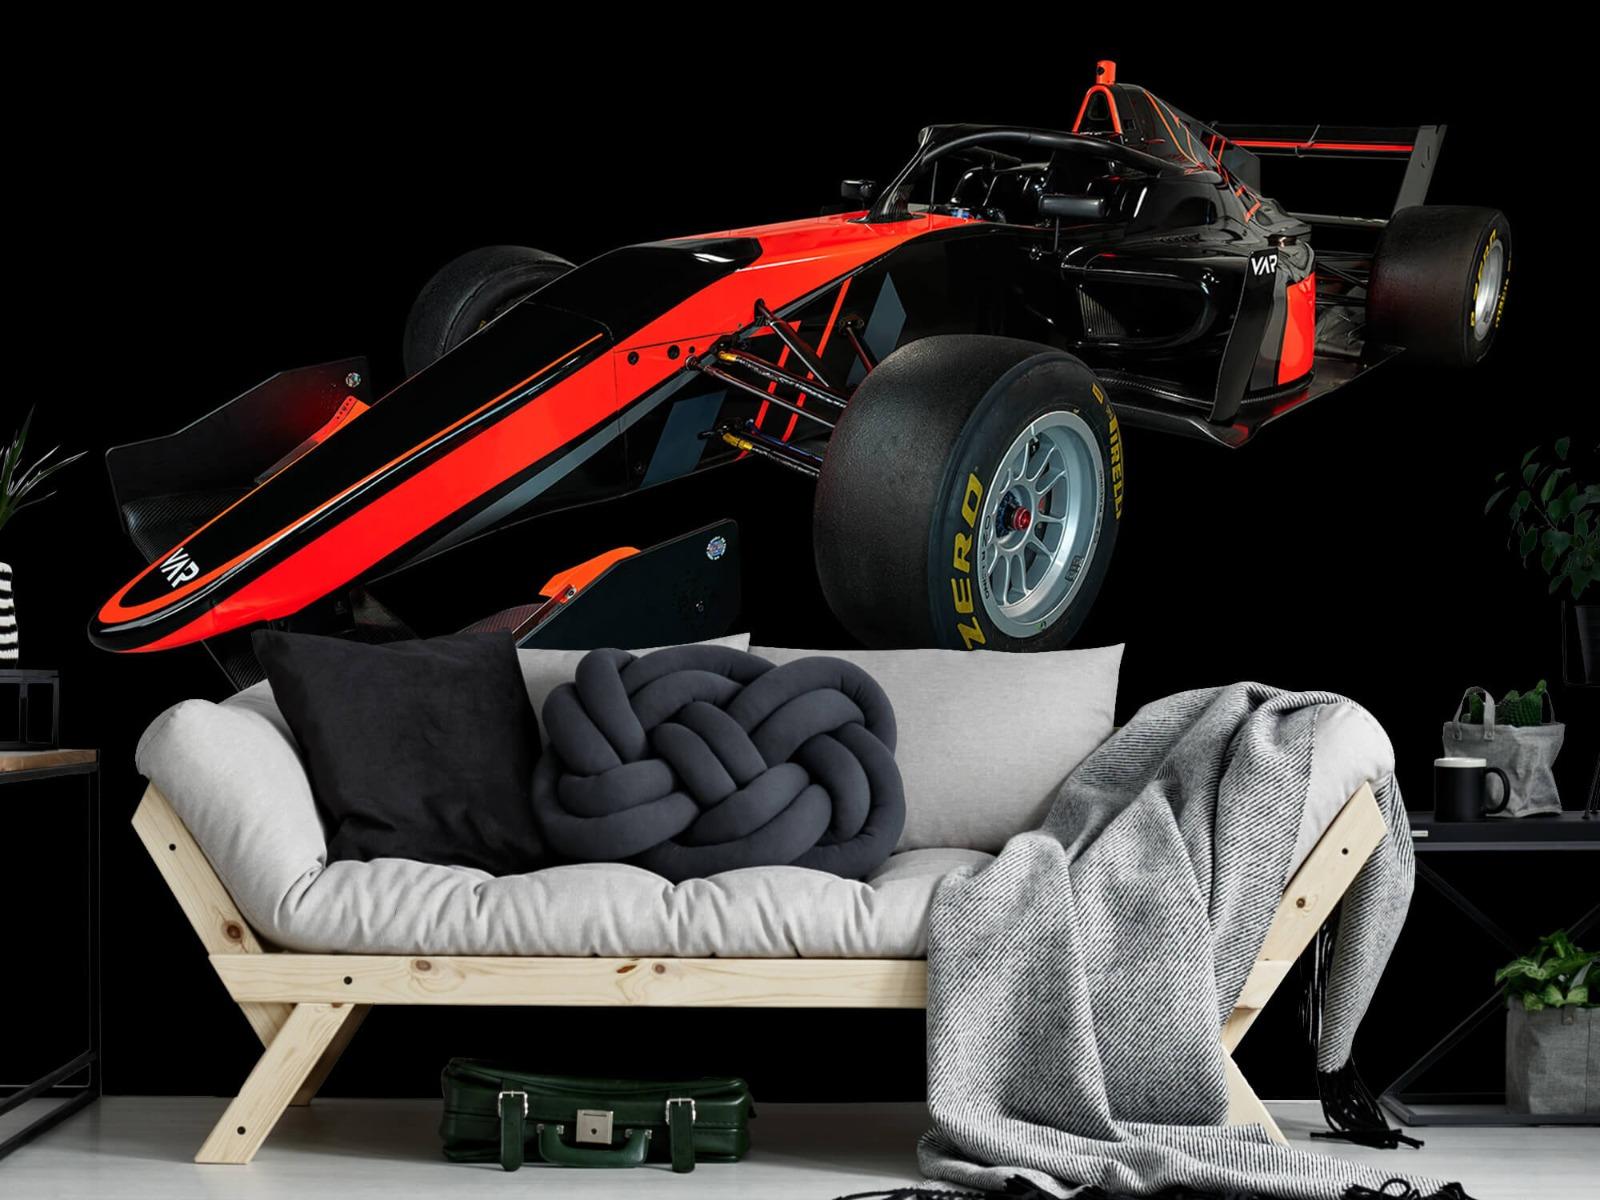 Sportauto's - Formule 3 - Left front view - dark - Vergaderruimte 6